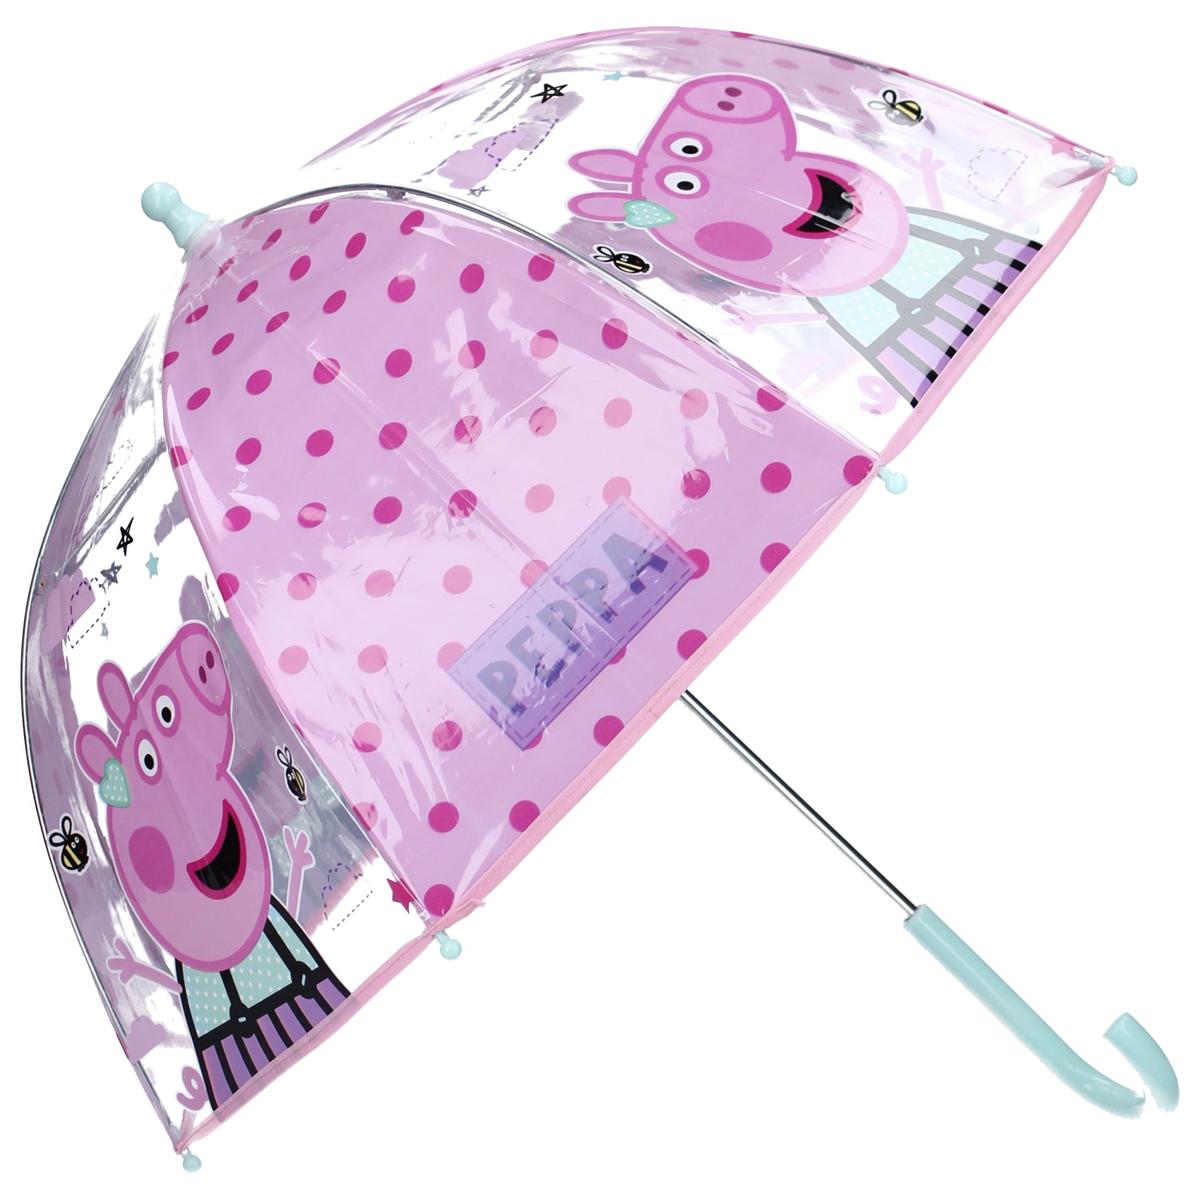 Parapluie canne pvc enfant \'Peppa Pig\' rose - 61x73 cm - [A3062]